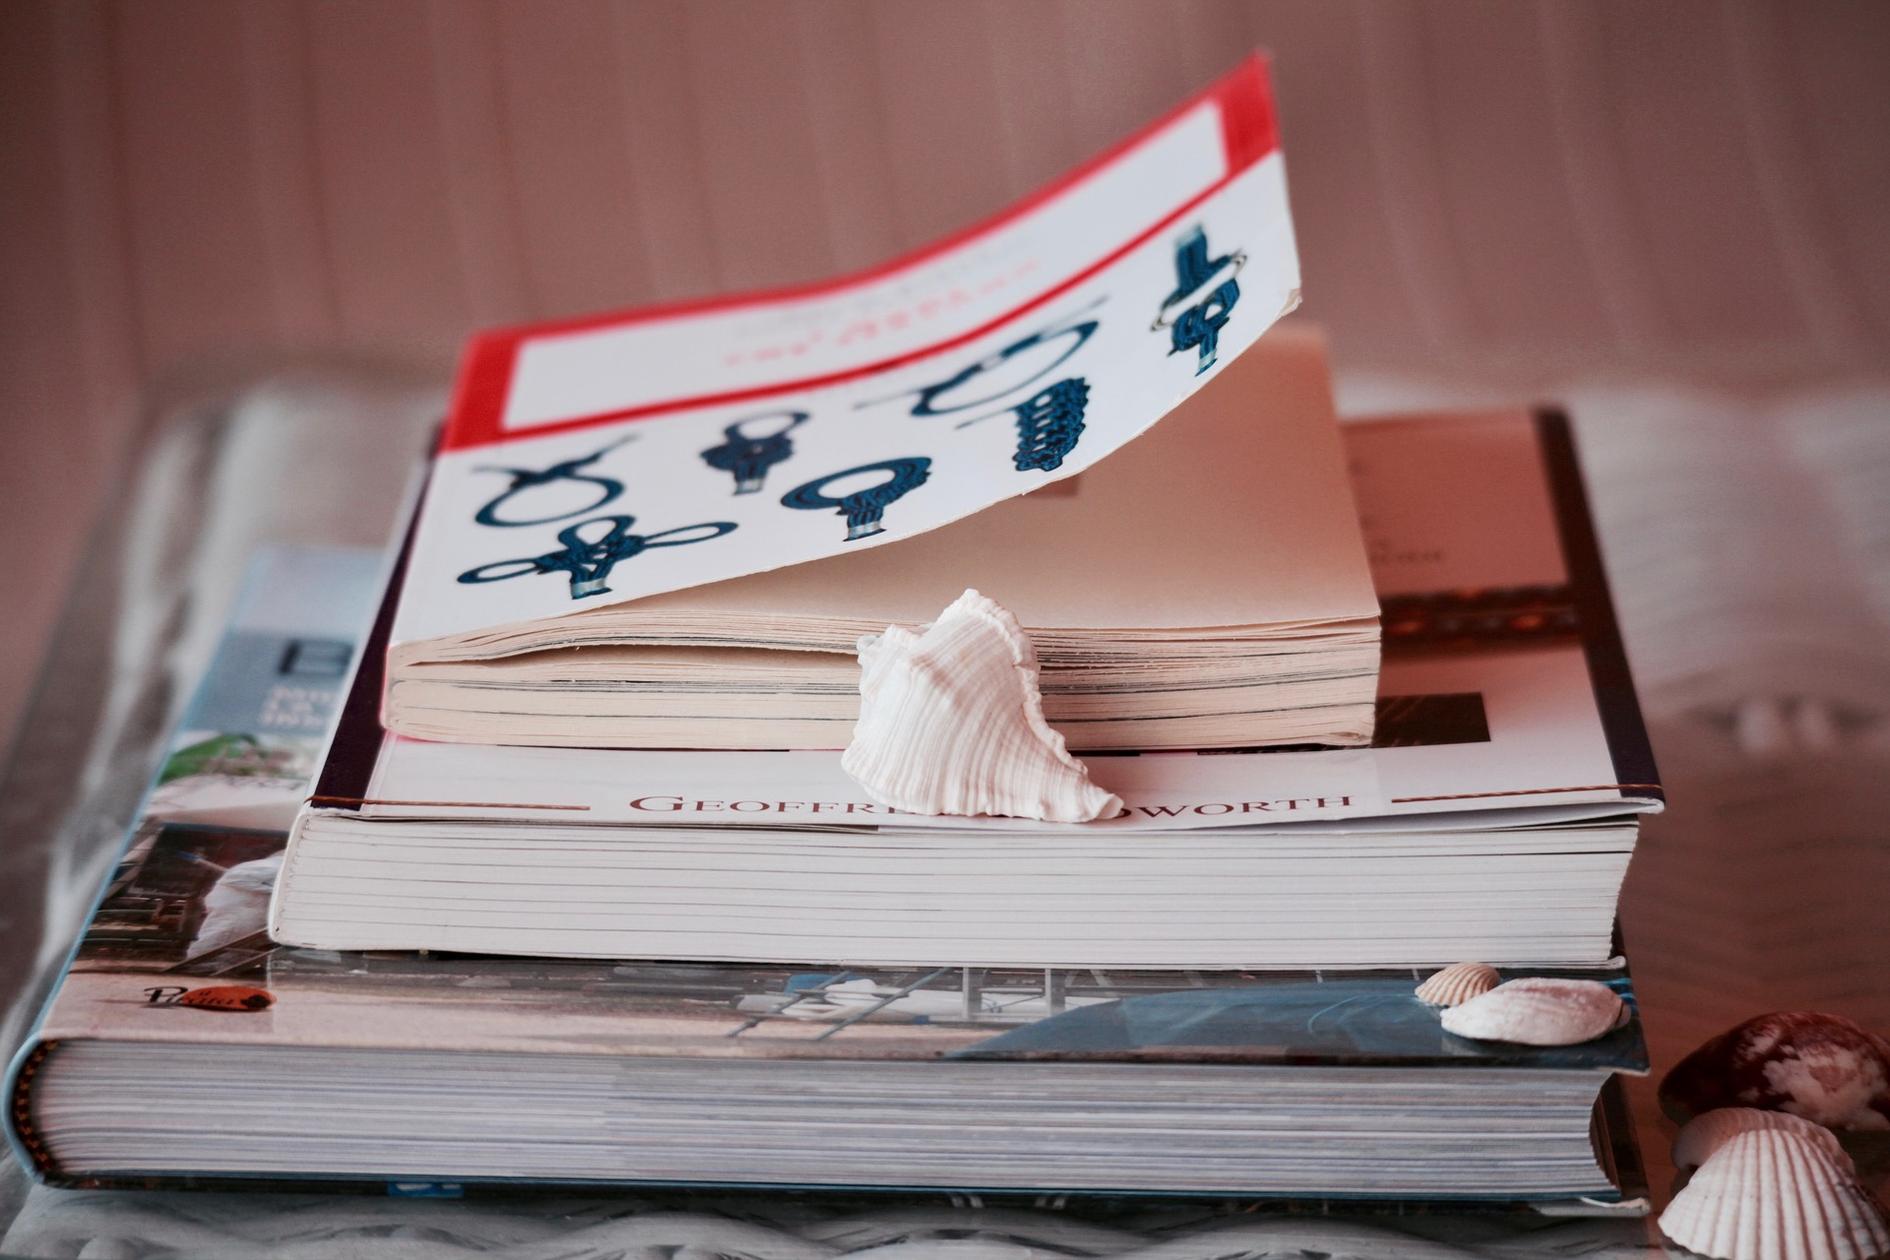 PHP初心者が見るべきオススメの入門書籍全10冊